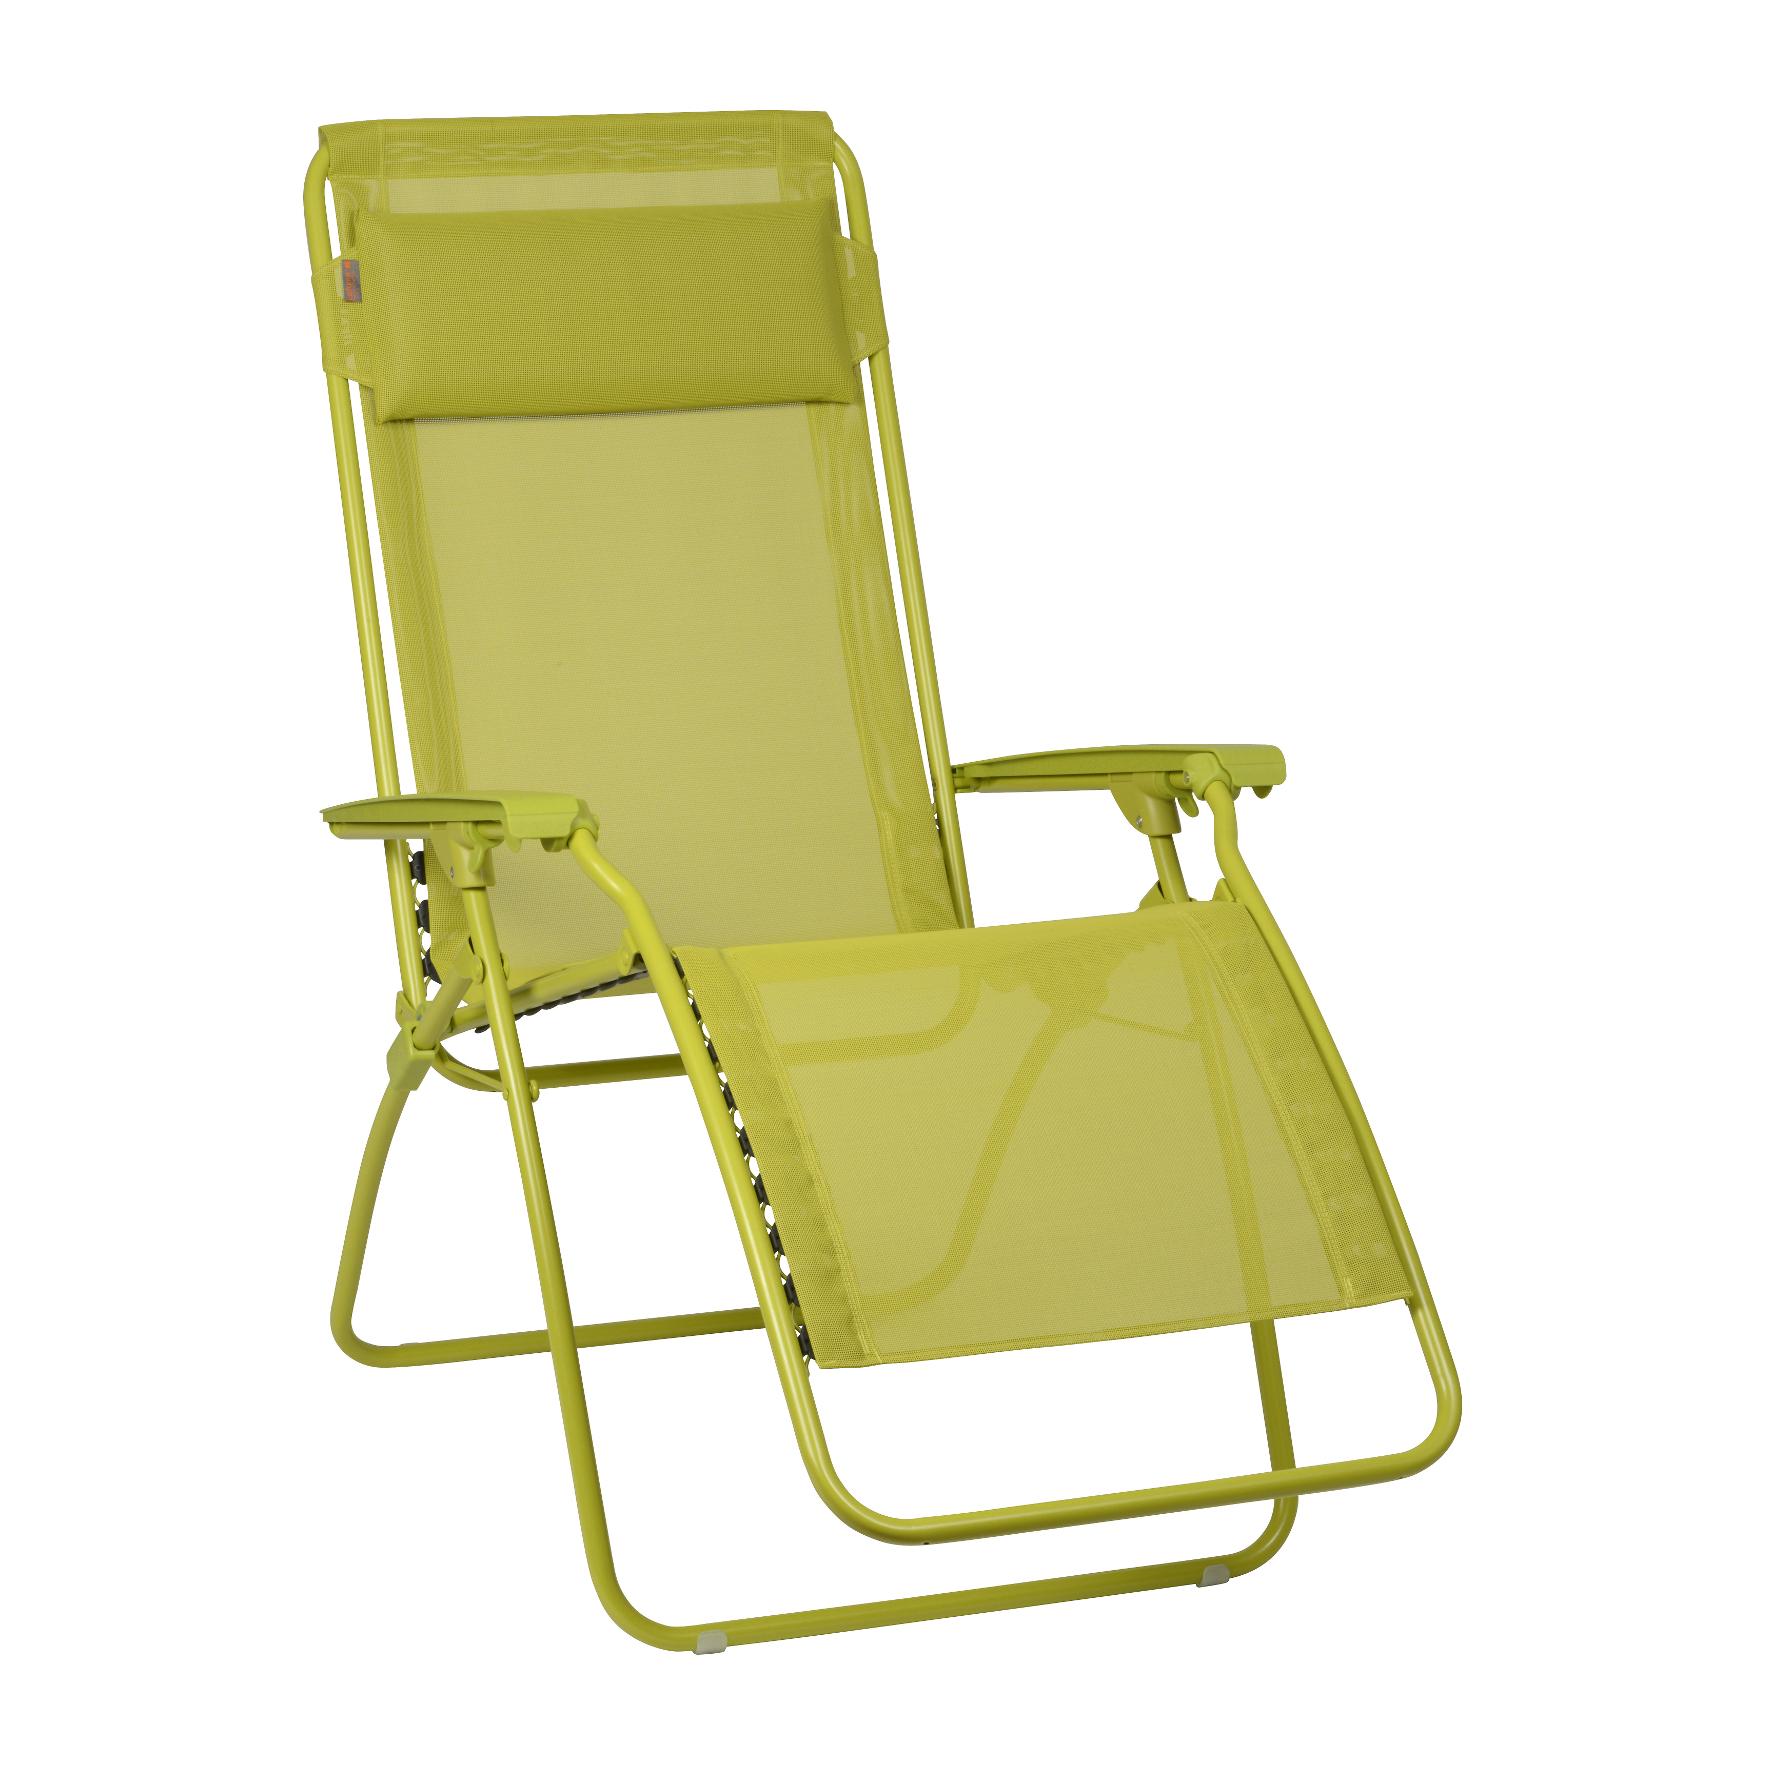 Lafuma c r clip chaise pliante colorblock batyline vert 2 - Bain de soleil lafuma ...